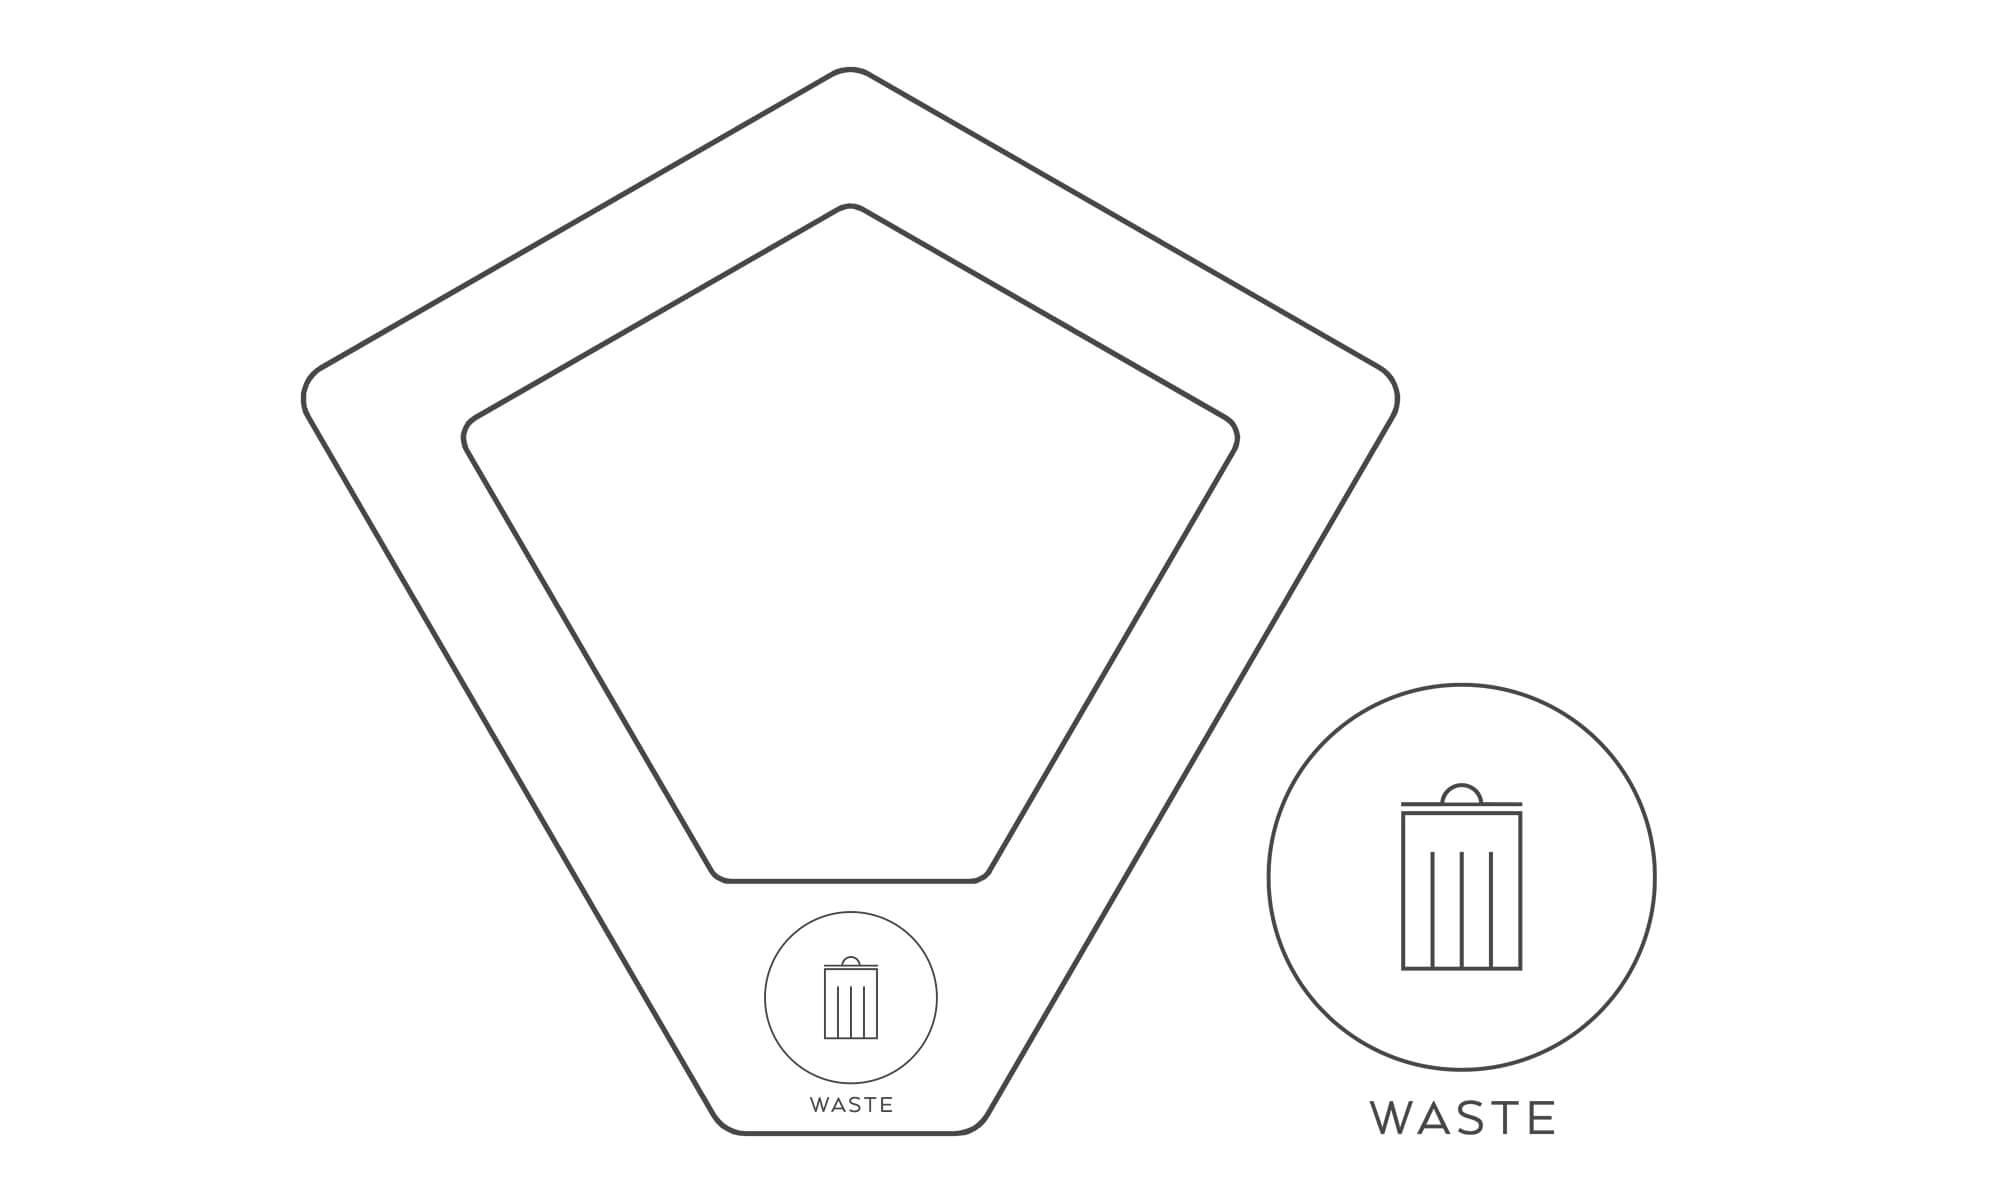 källsortering restavfall kite recycling waste